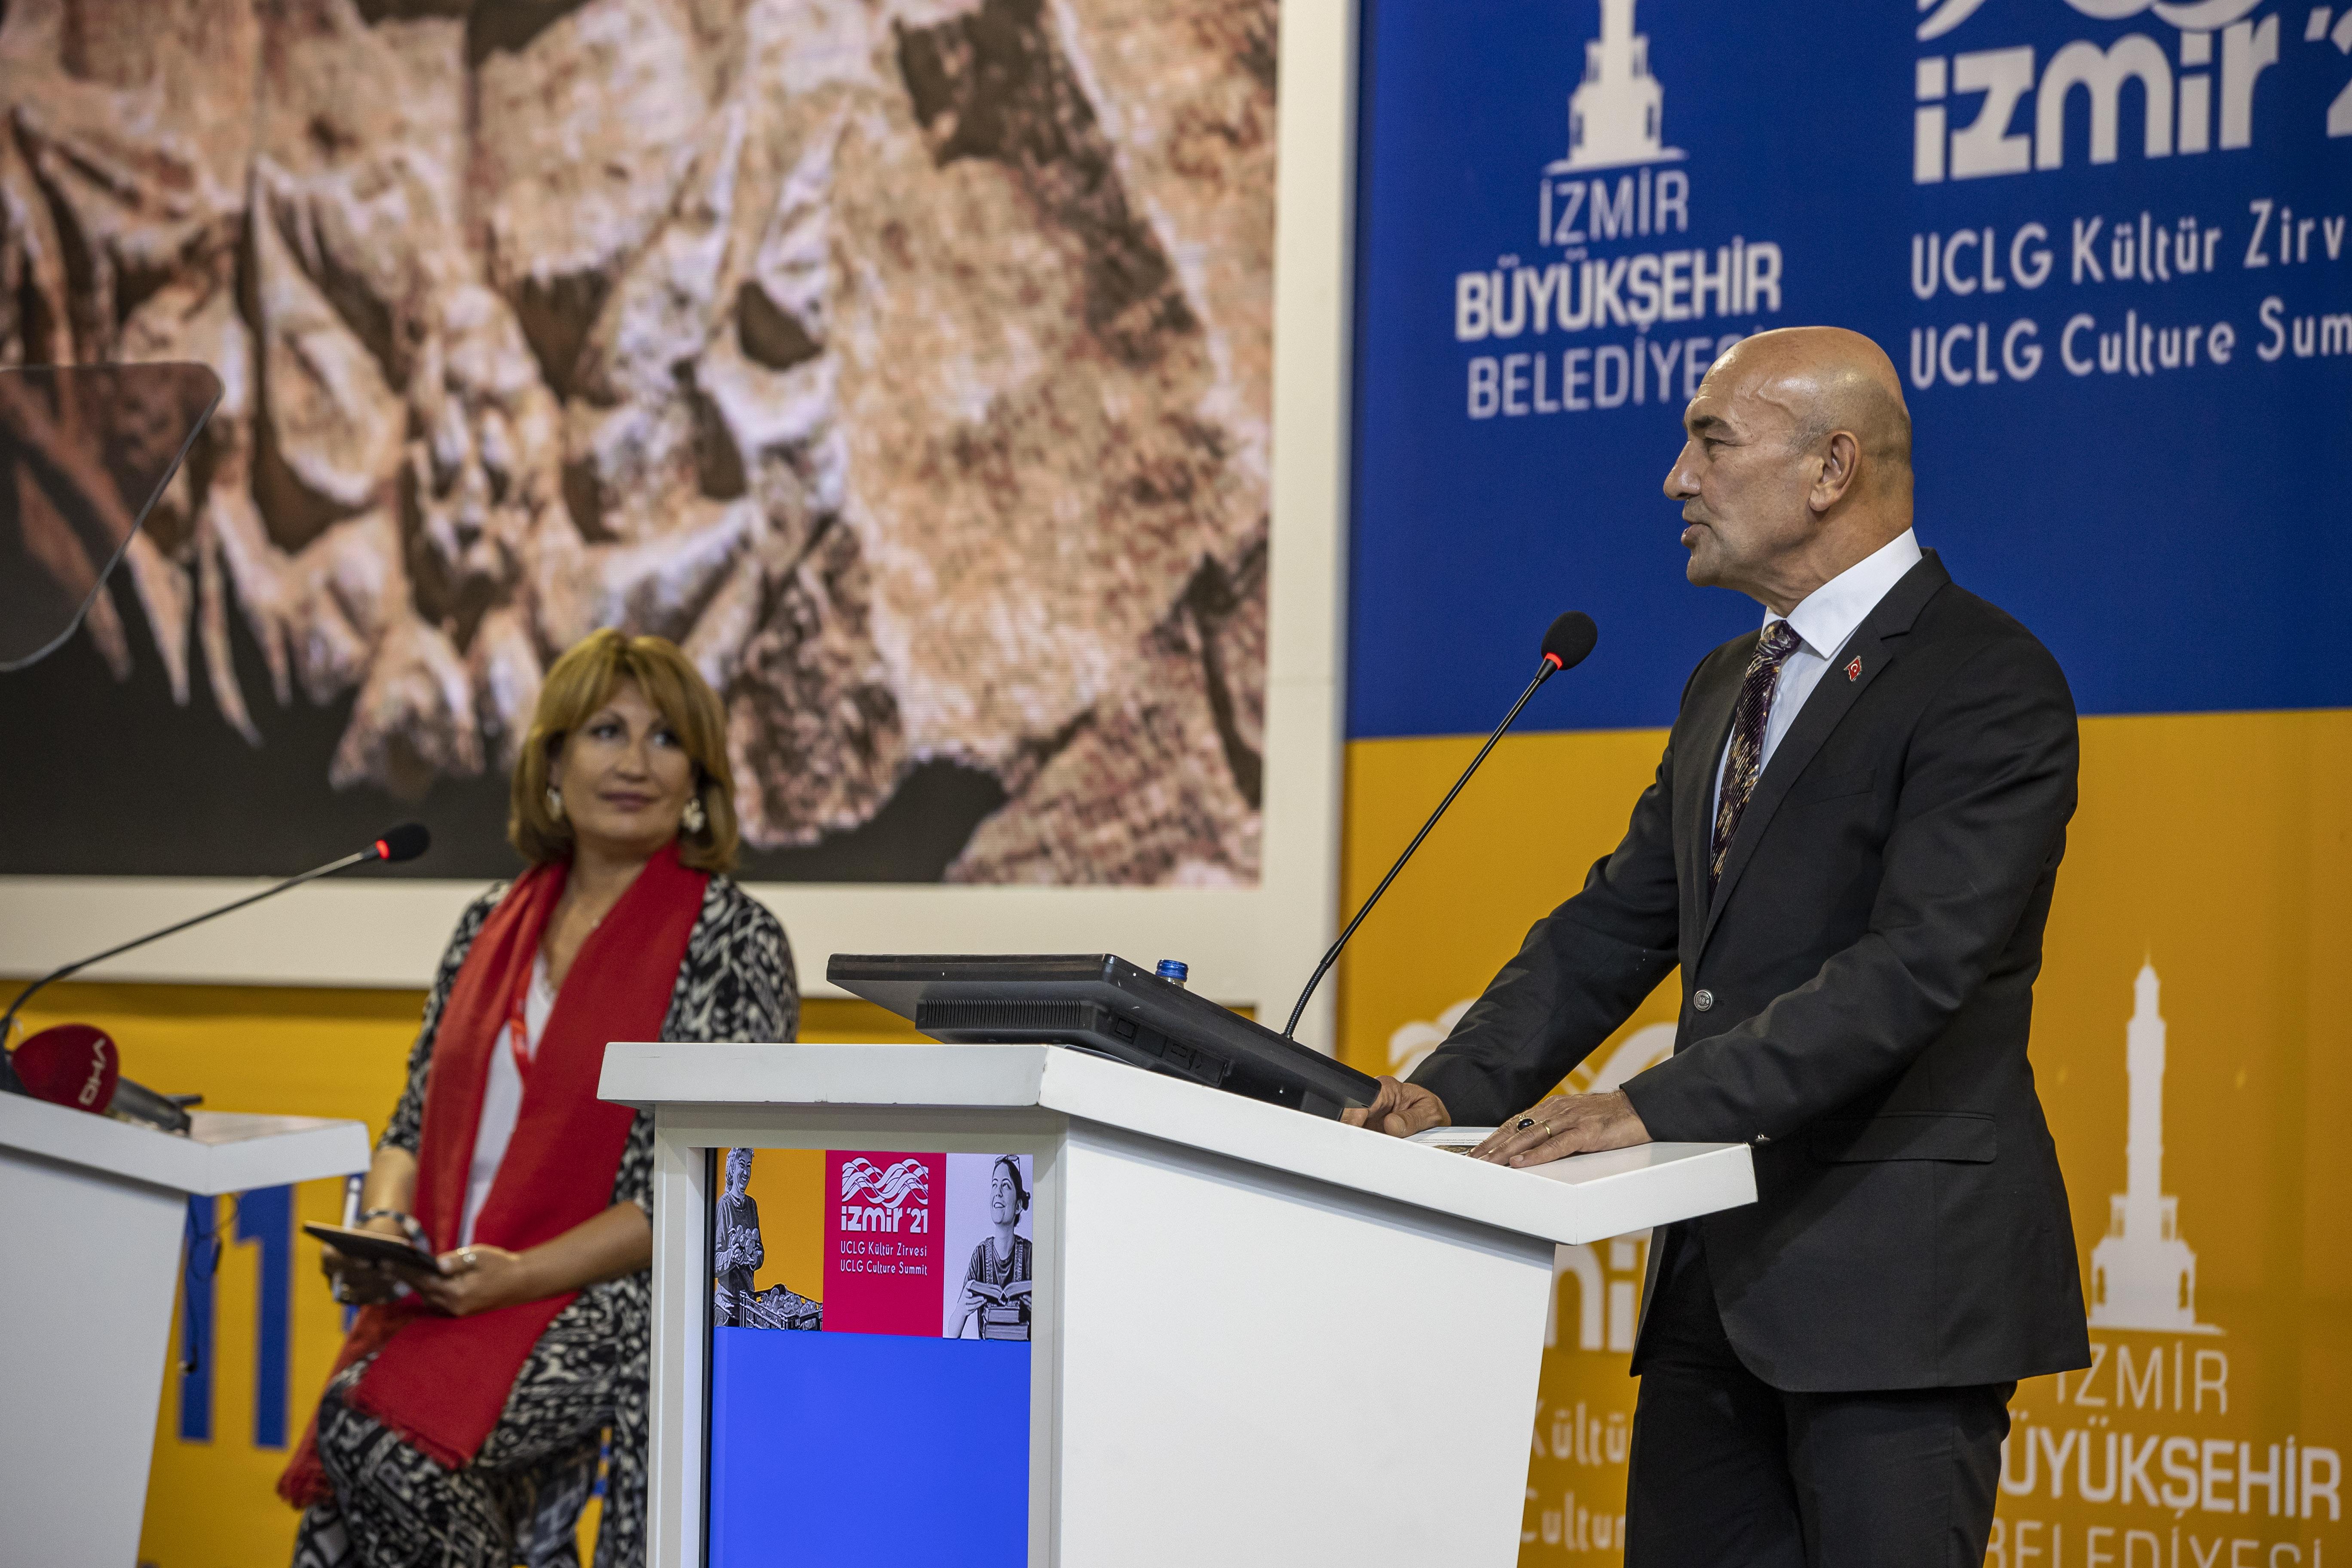 Tunç Soyer and Emilia Saiz